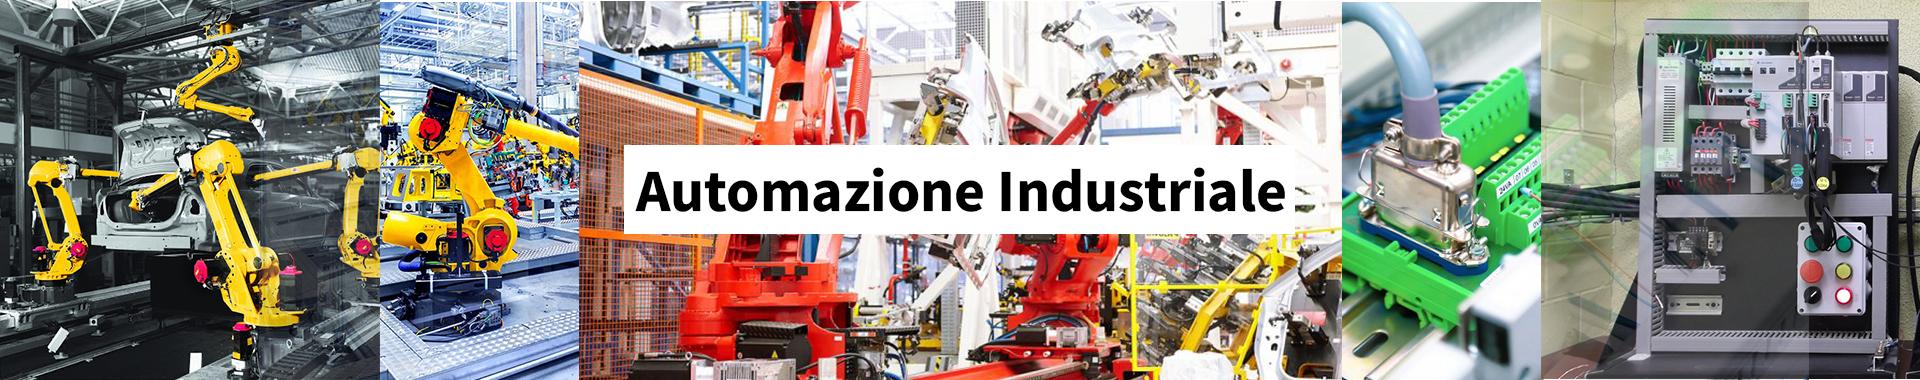 automazione_industriale6